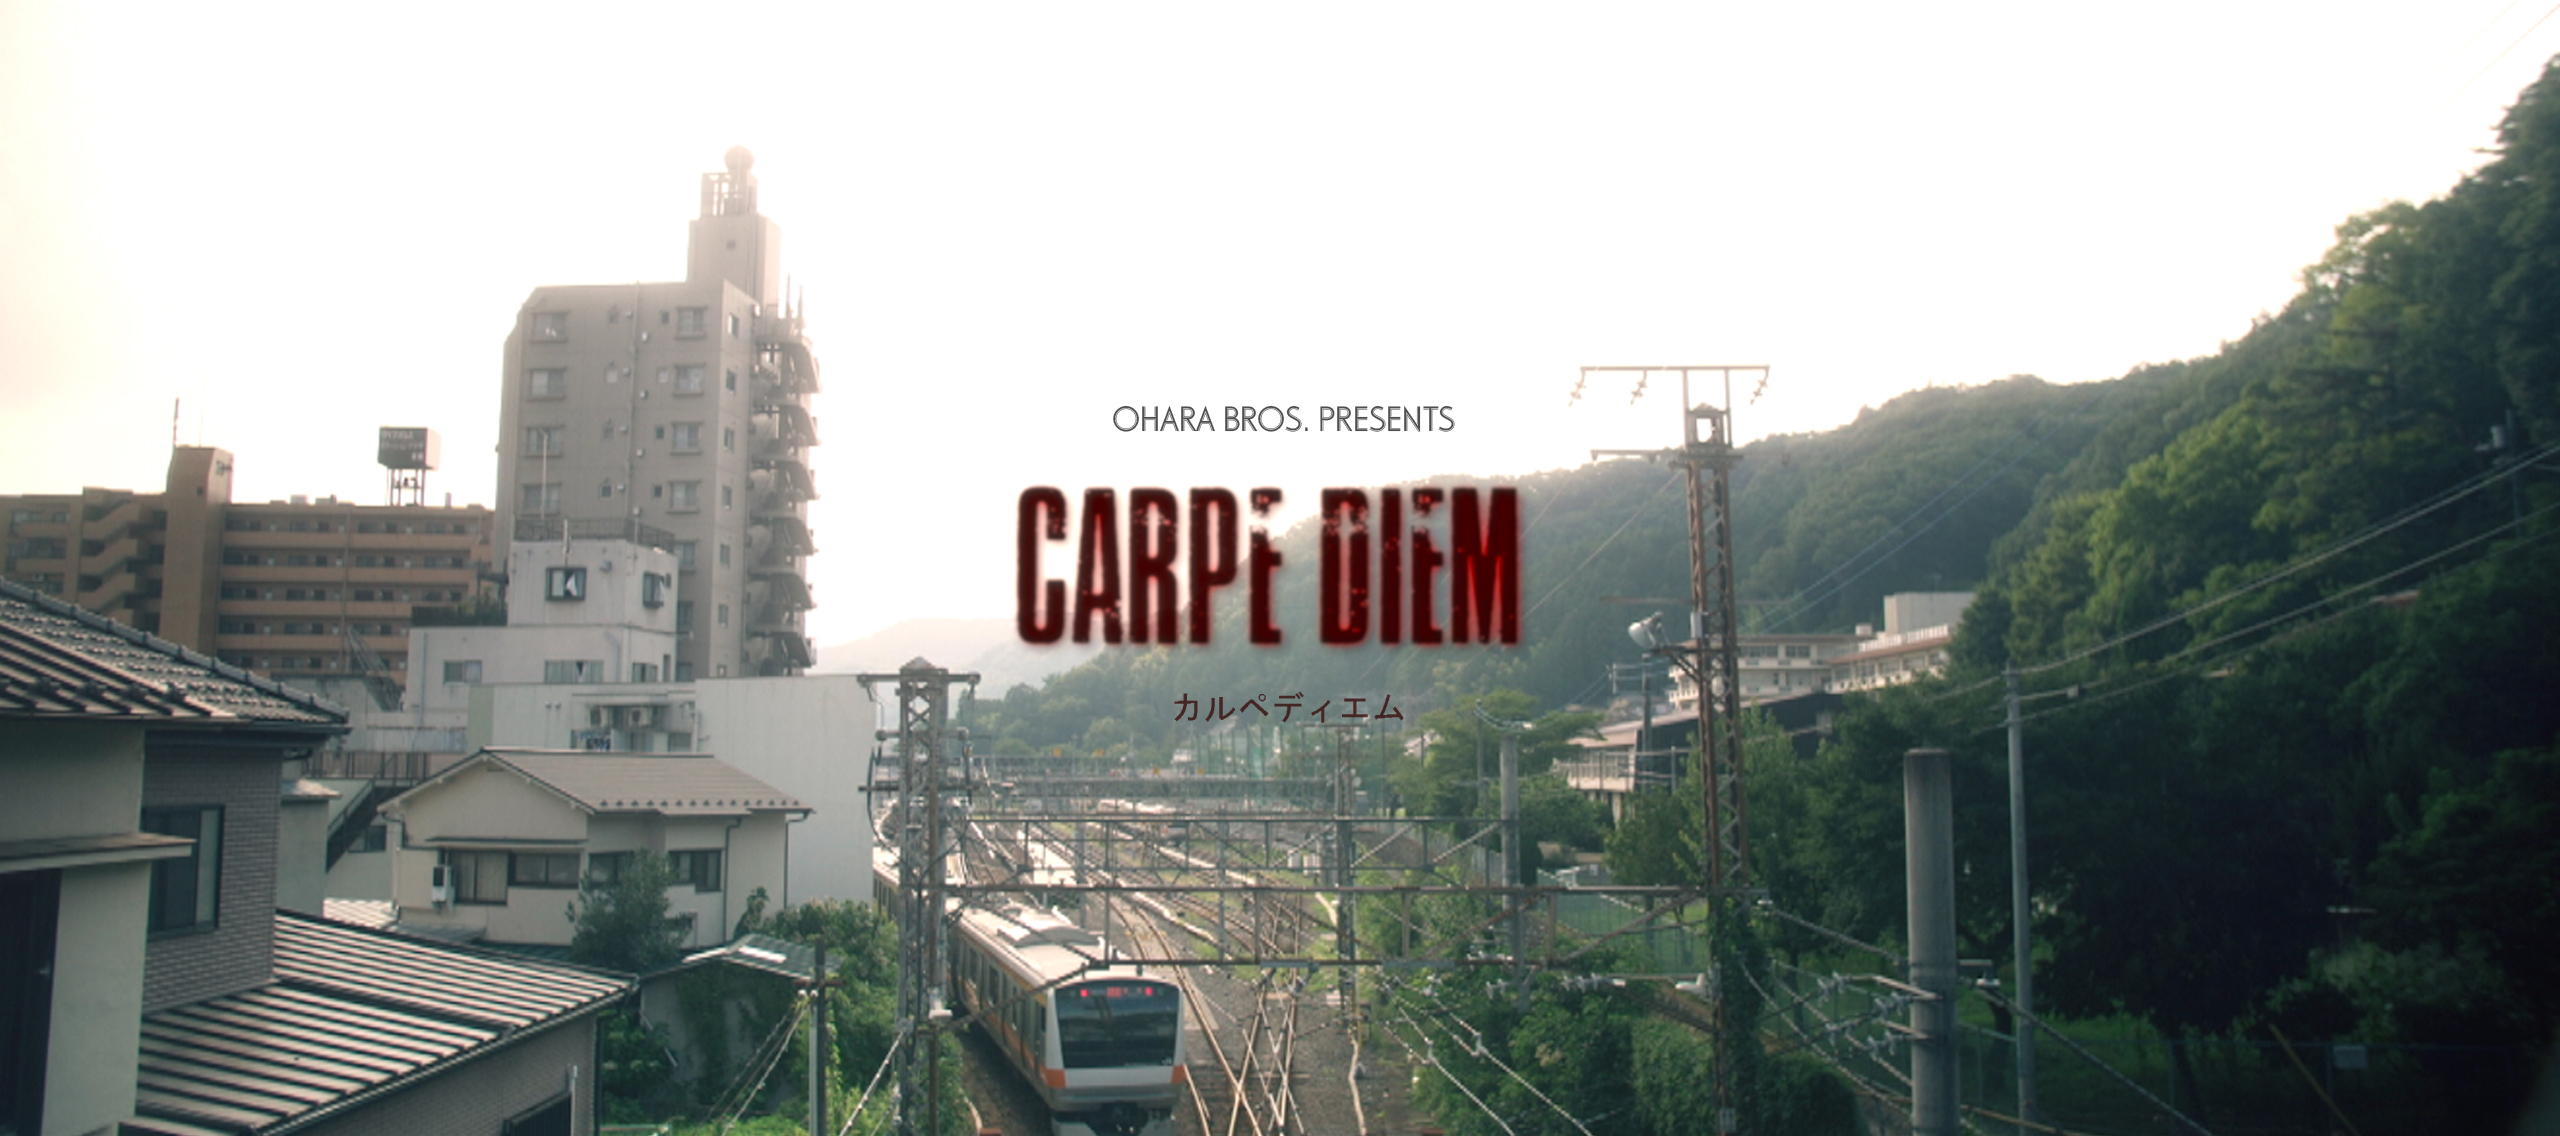 弊社制作協力作品『CARPE DIEM』が第14回山形国際ムービーフェスティバル2018ノミネート&上映決定!